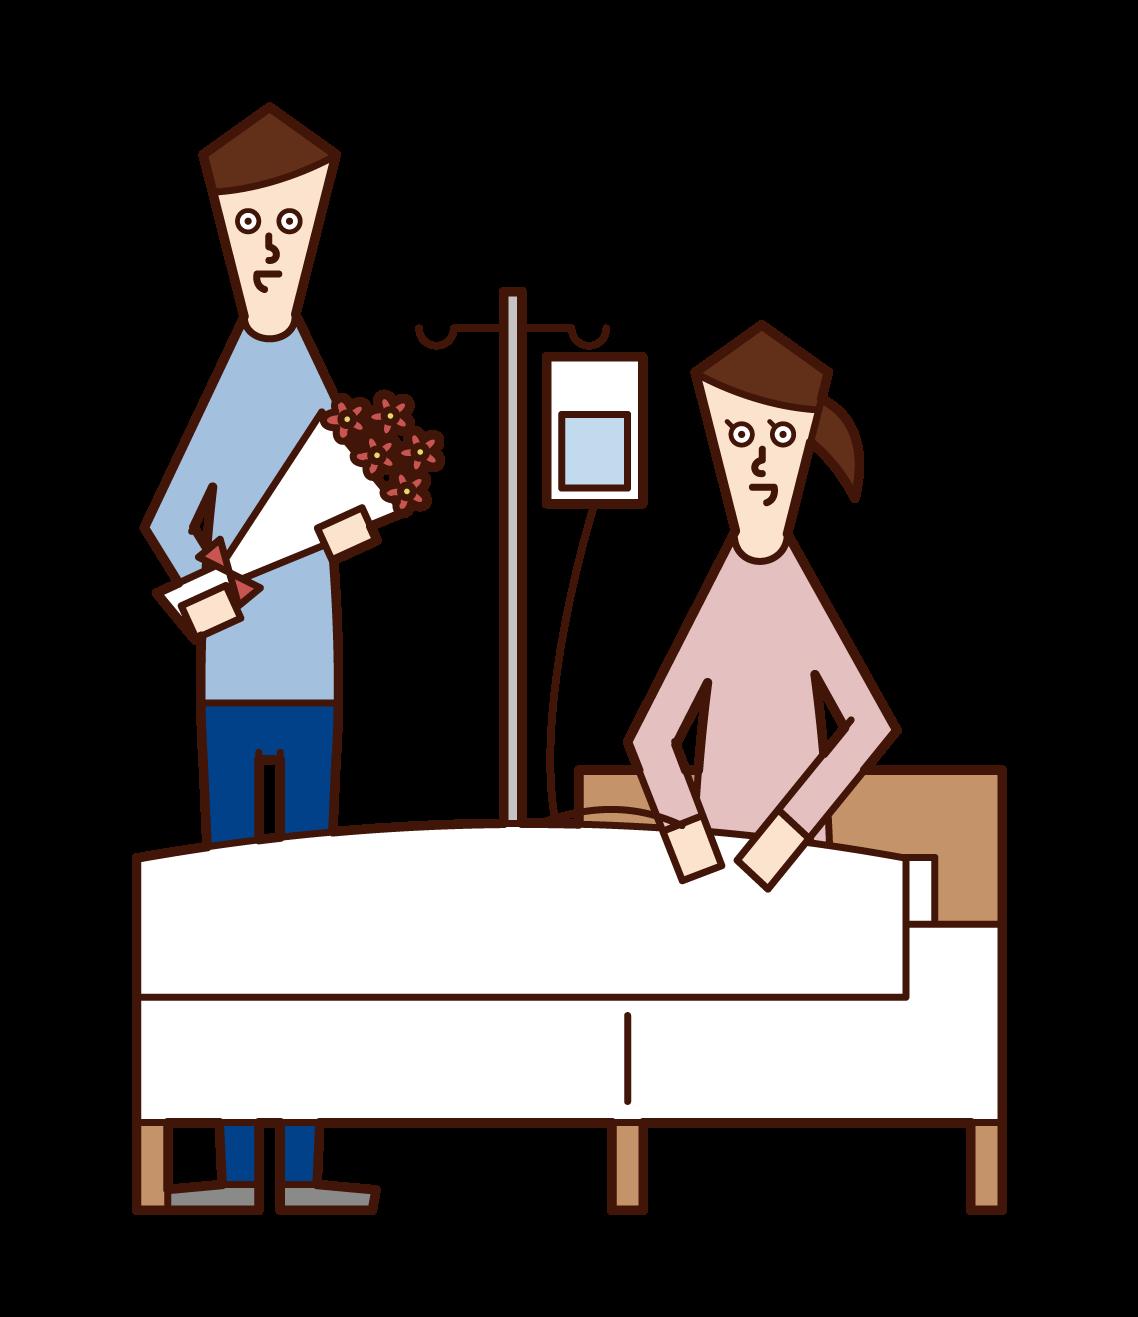 一個男性的插圖,說明誰將為住院的婦女提供慰問